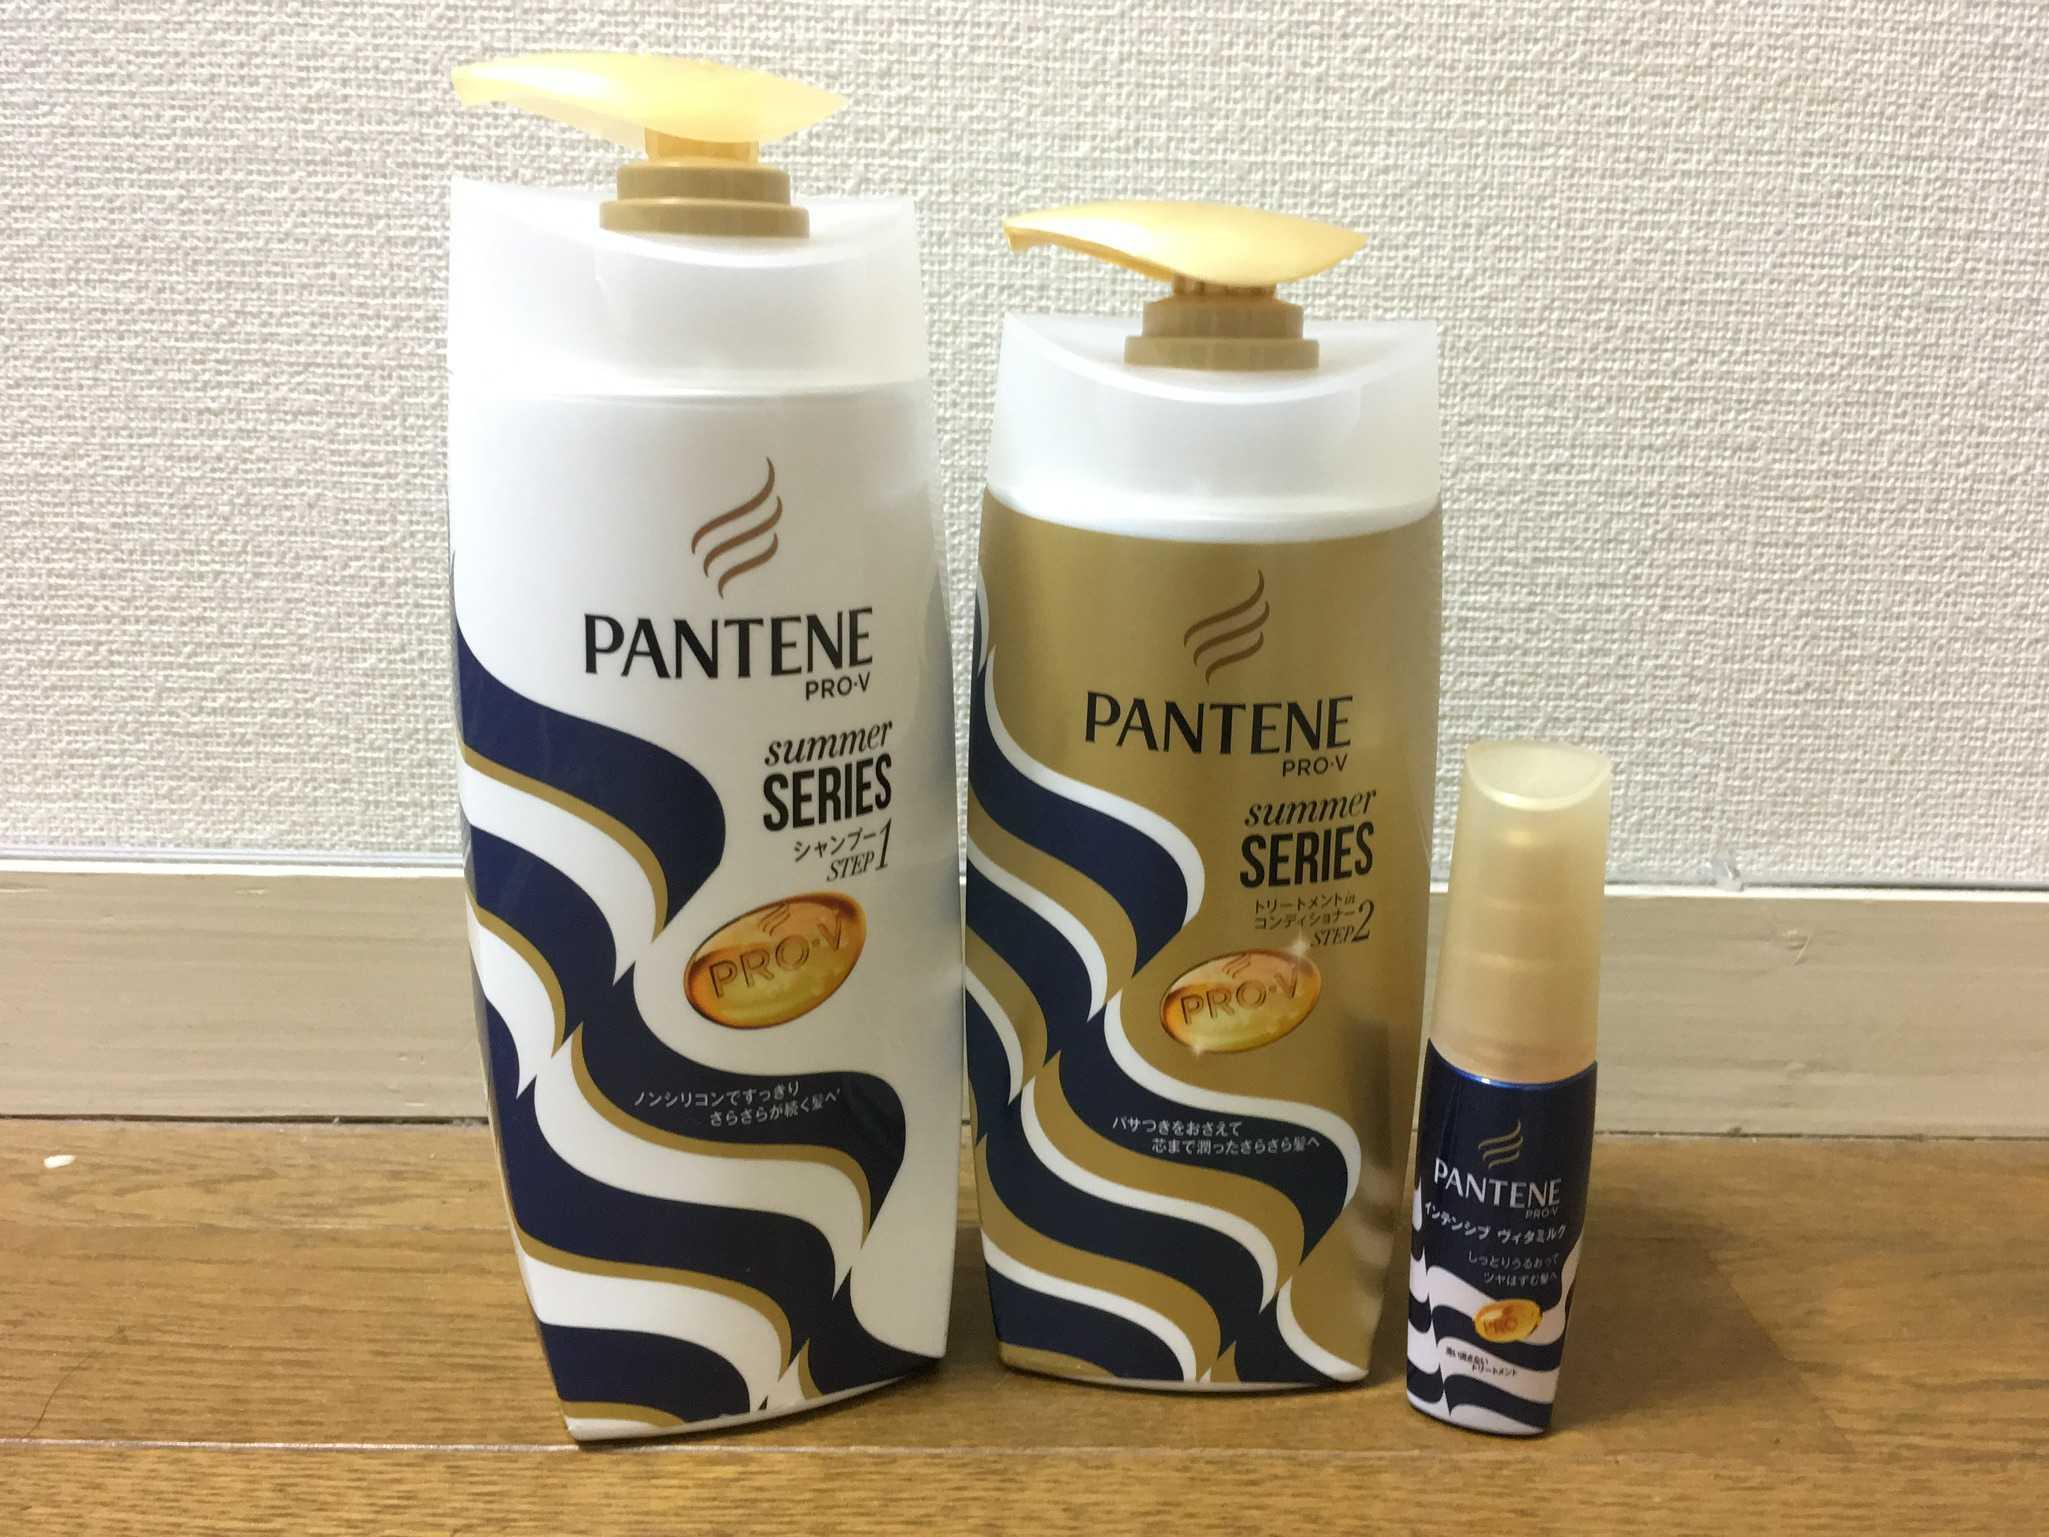 使ってよかった☆パンテーンの【夏限定】ノンシリコンシャンプー